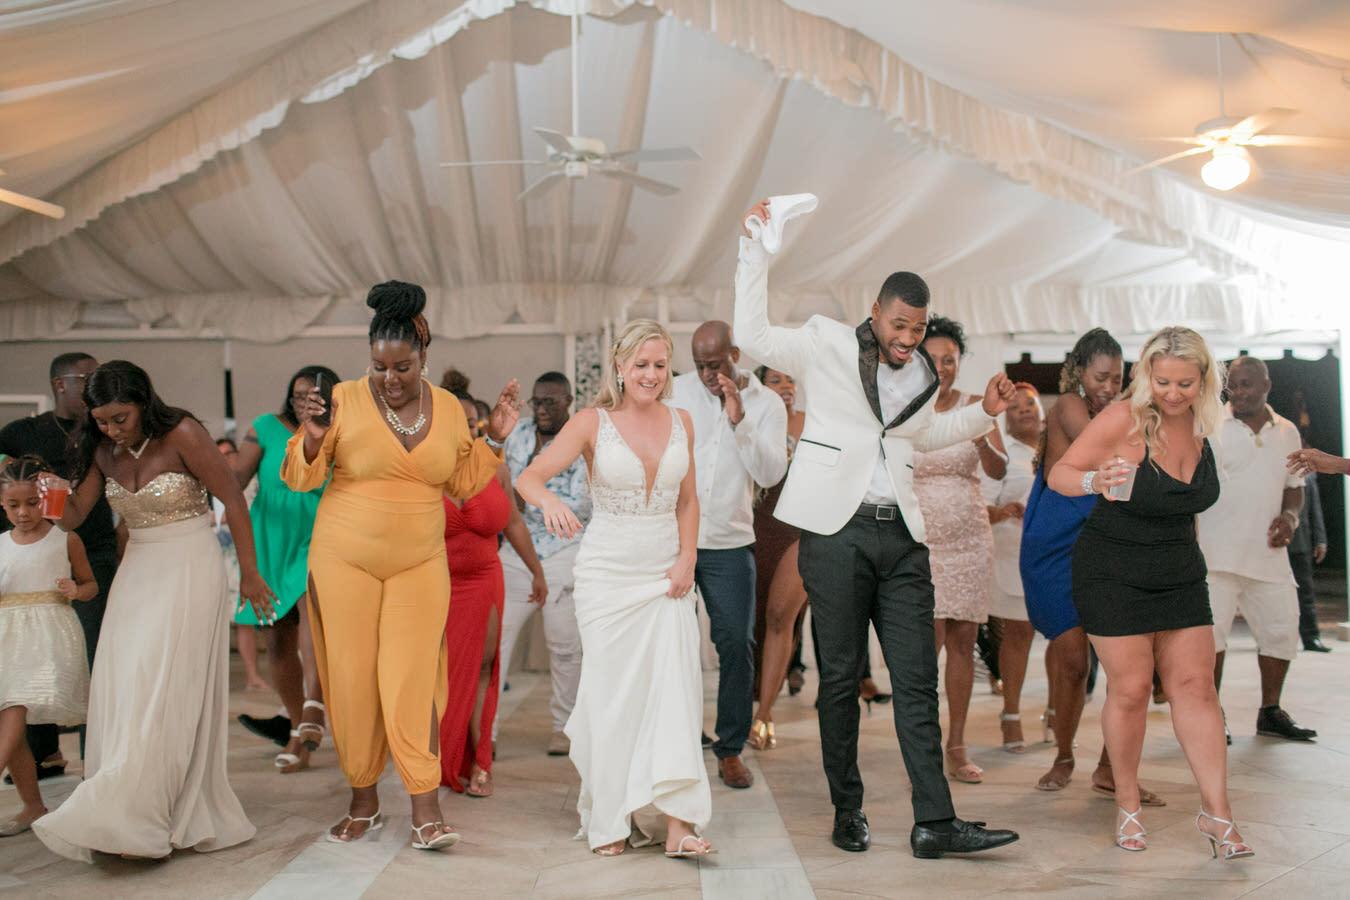 Ashley___Michael___Daniel_Ricci_Weddings_High_Res._Final_0518.jpg